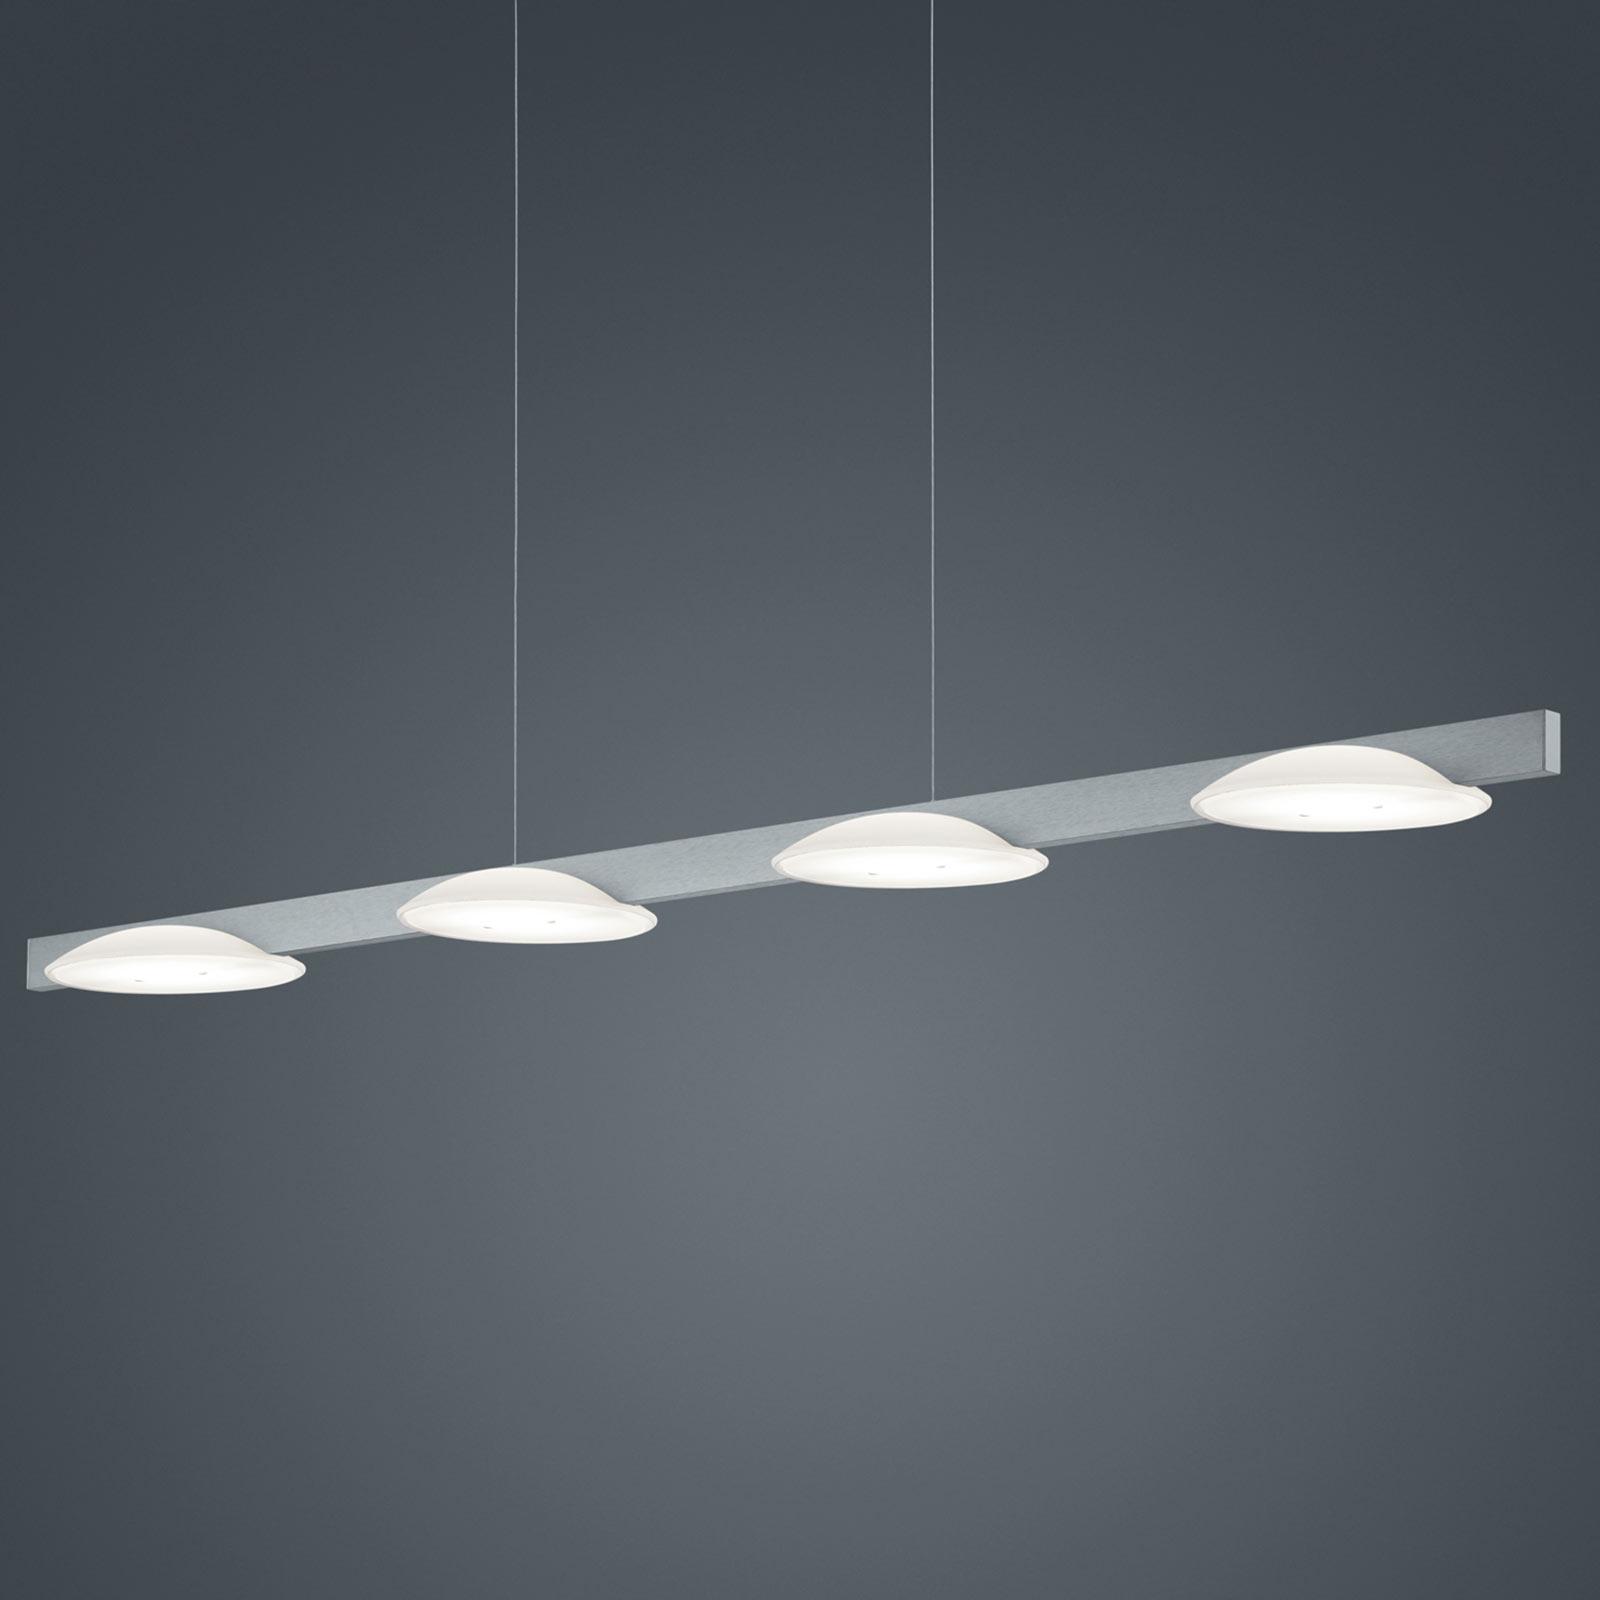 Helestra Pole LED sospensione 4 luci nichel